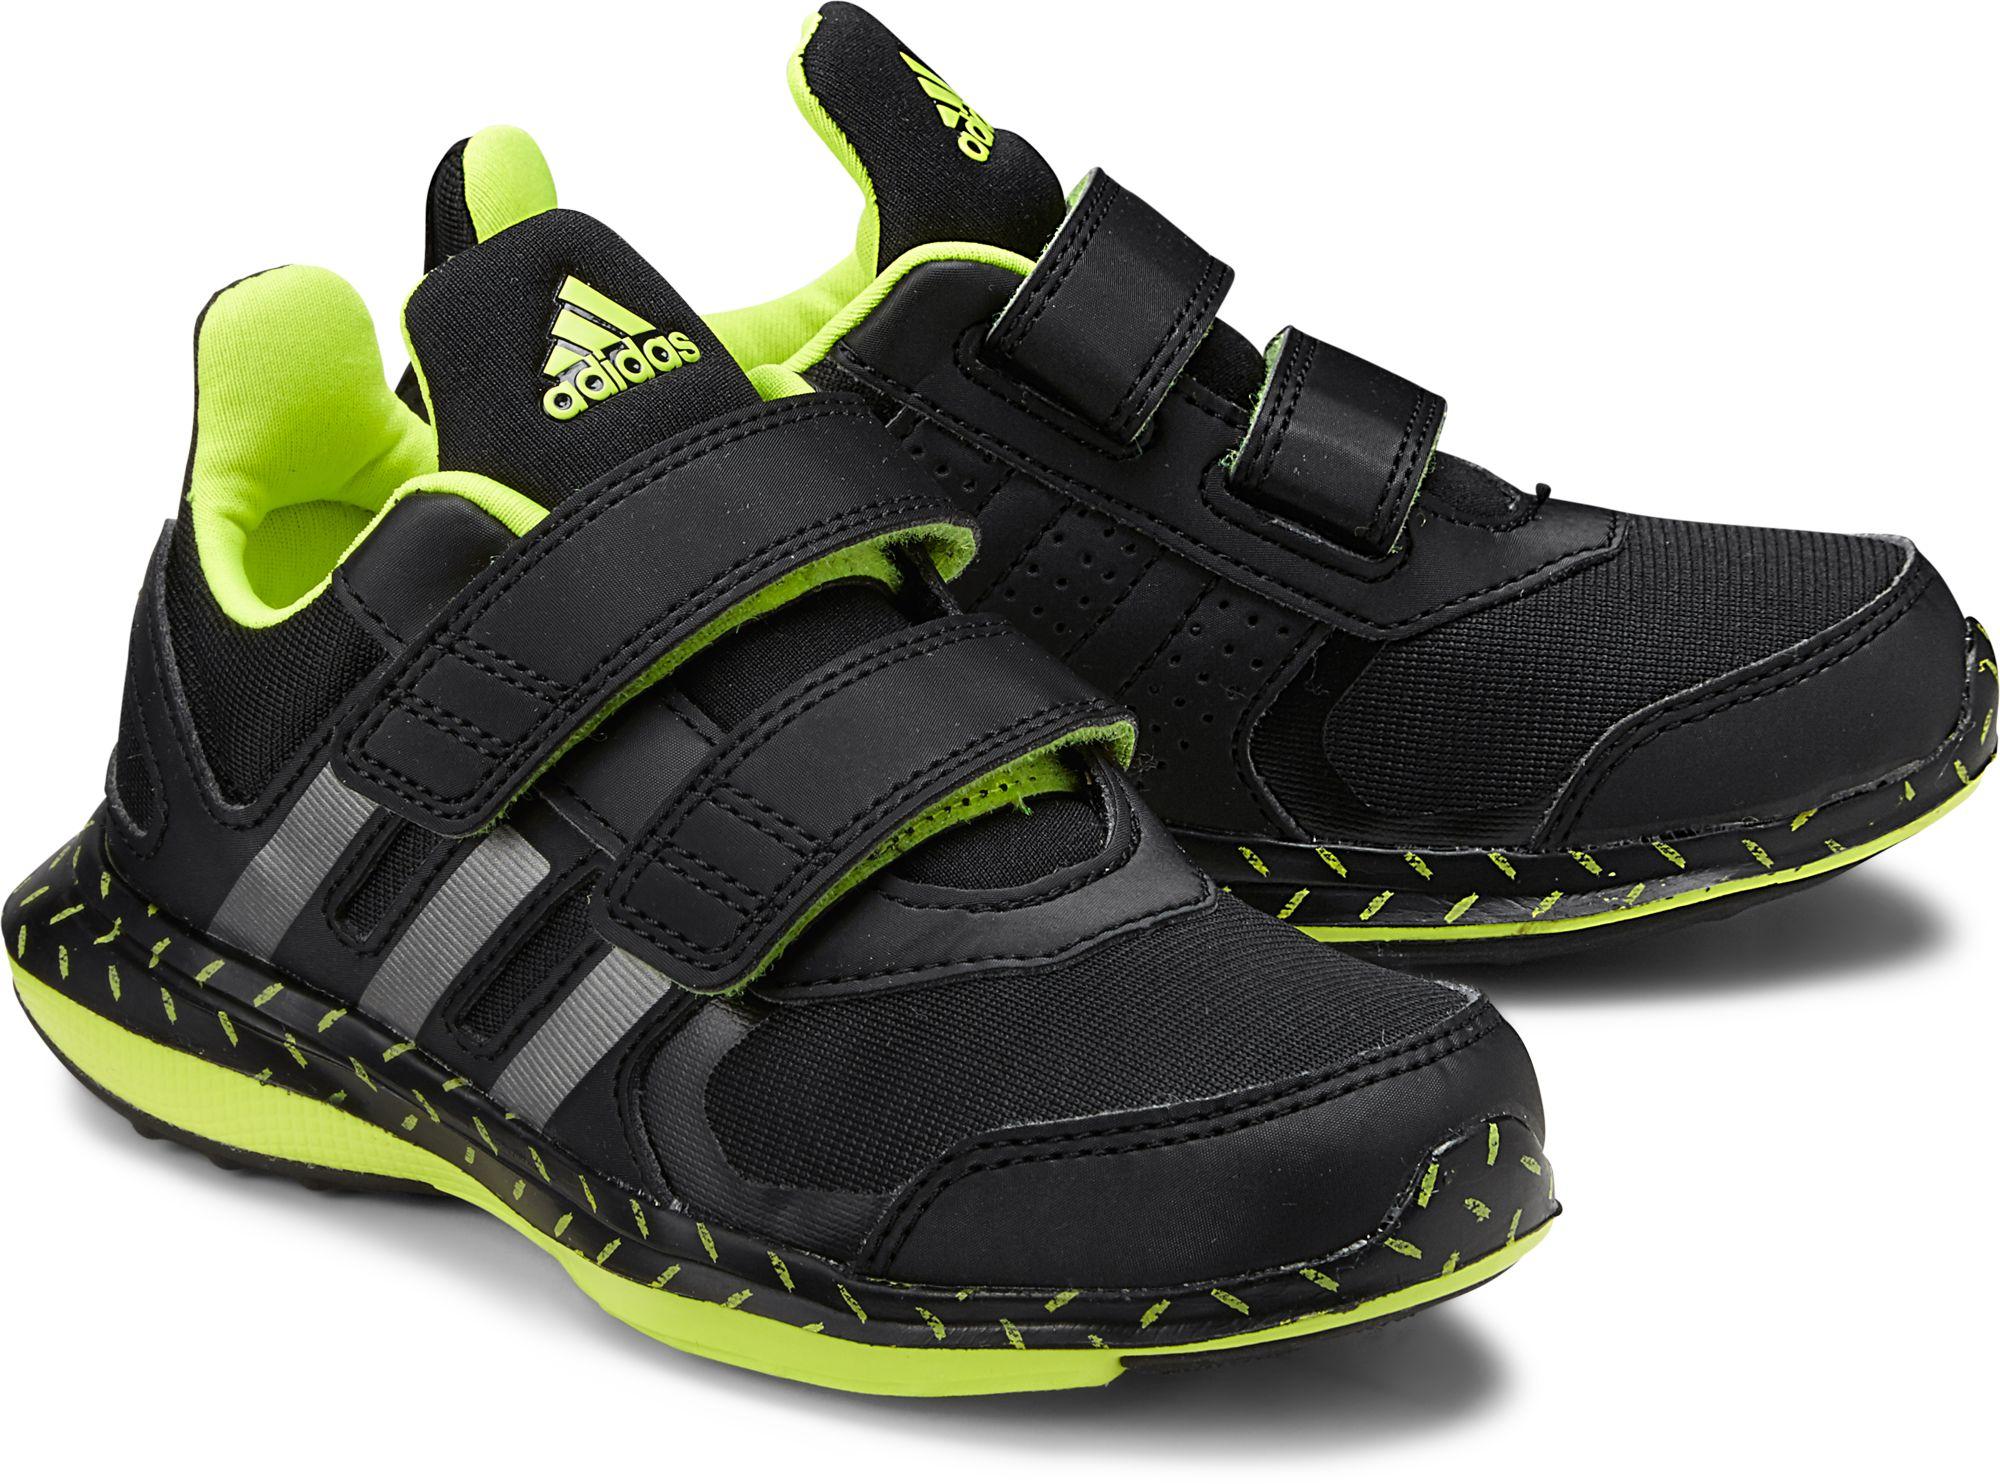 Schuhe 30,31 jungen..Adidas